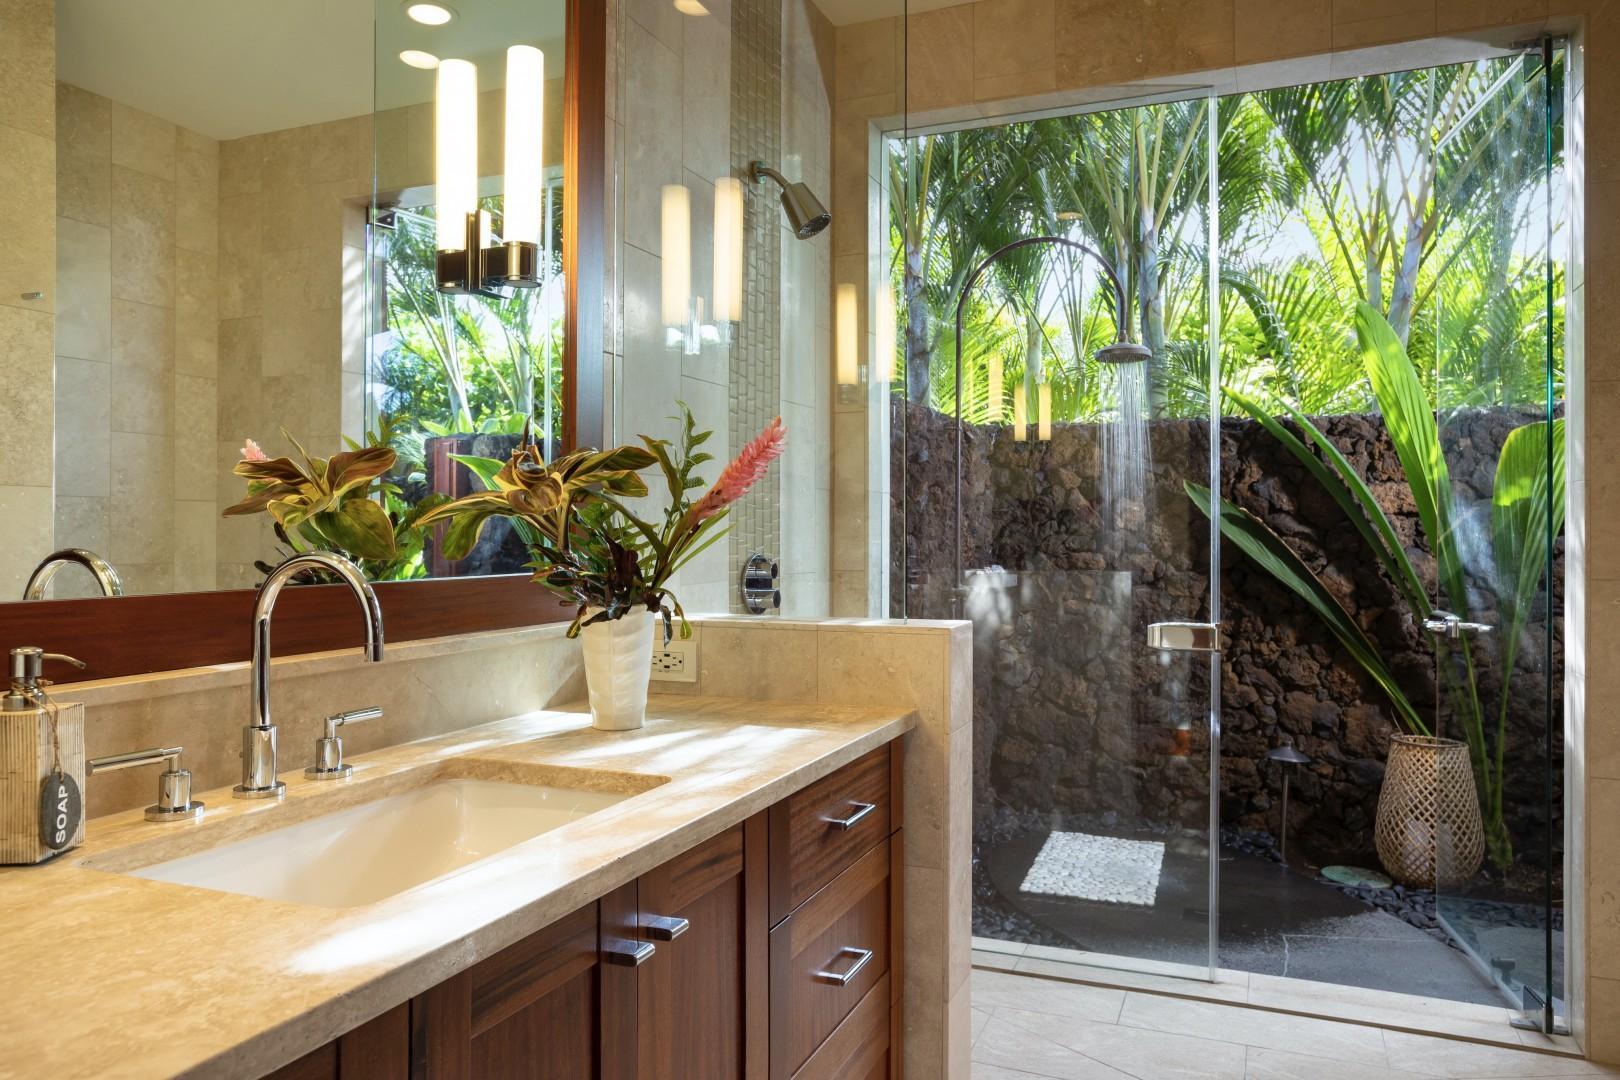 Guest bedroom en-suite bath with indoor and outdoor showers.